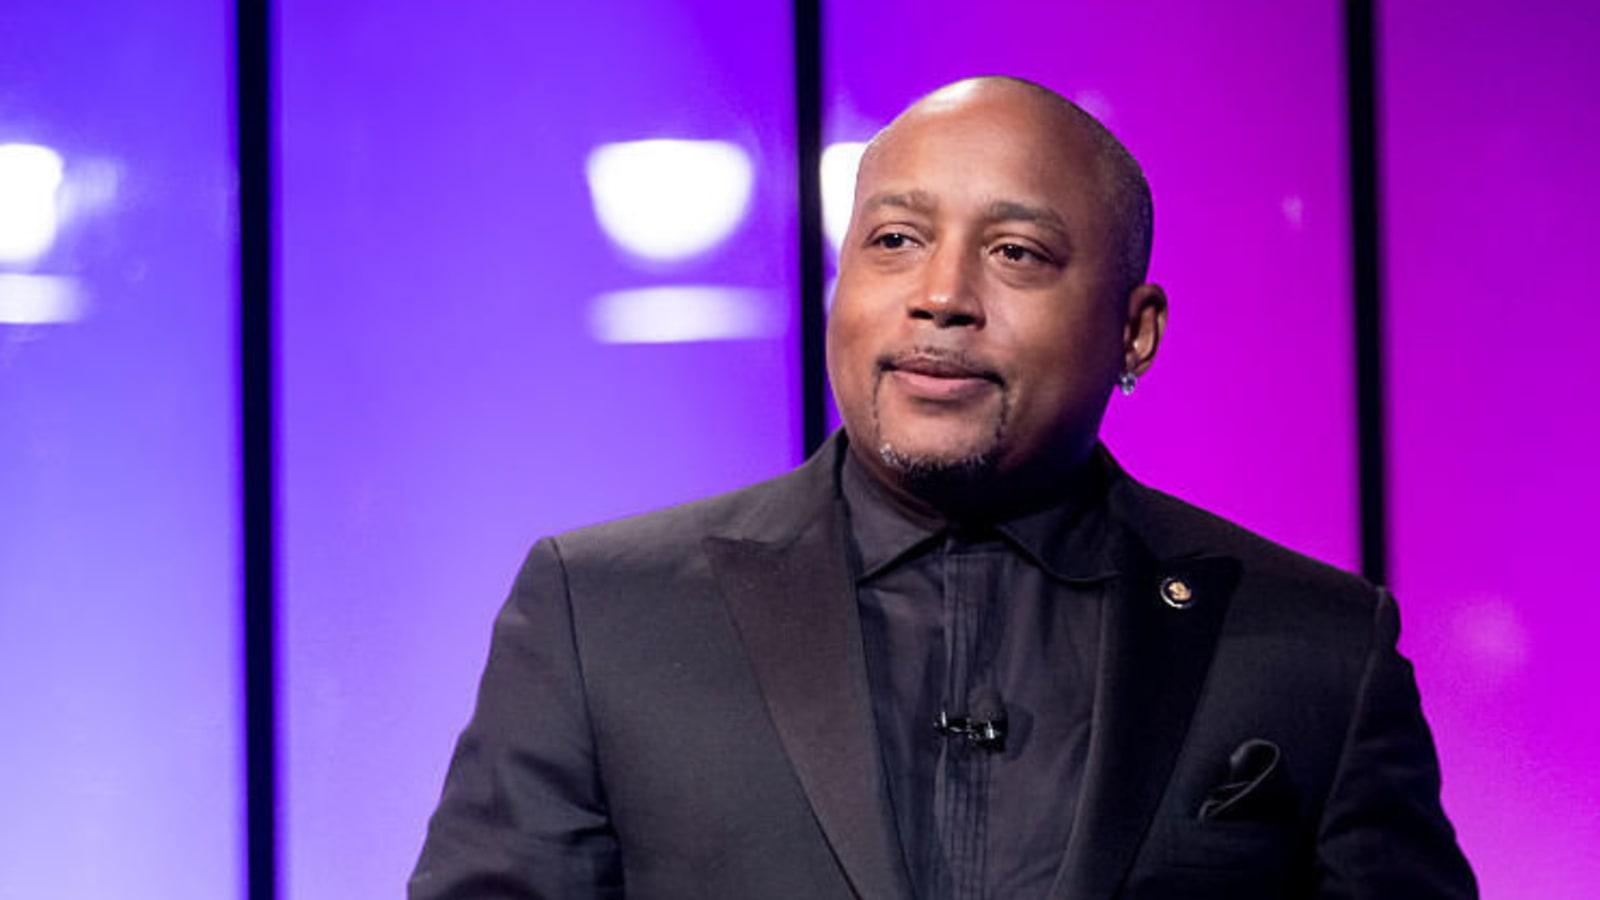 Daymond John 'Black Entrepreneurs Day' Bigger and Better the Second Year